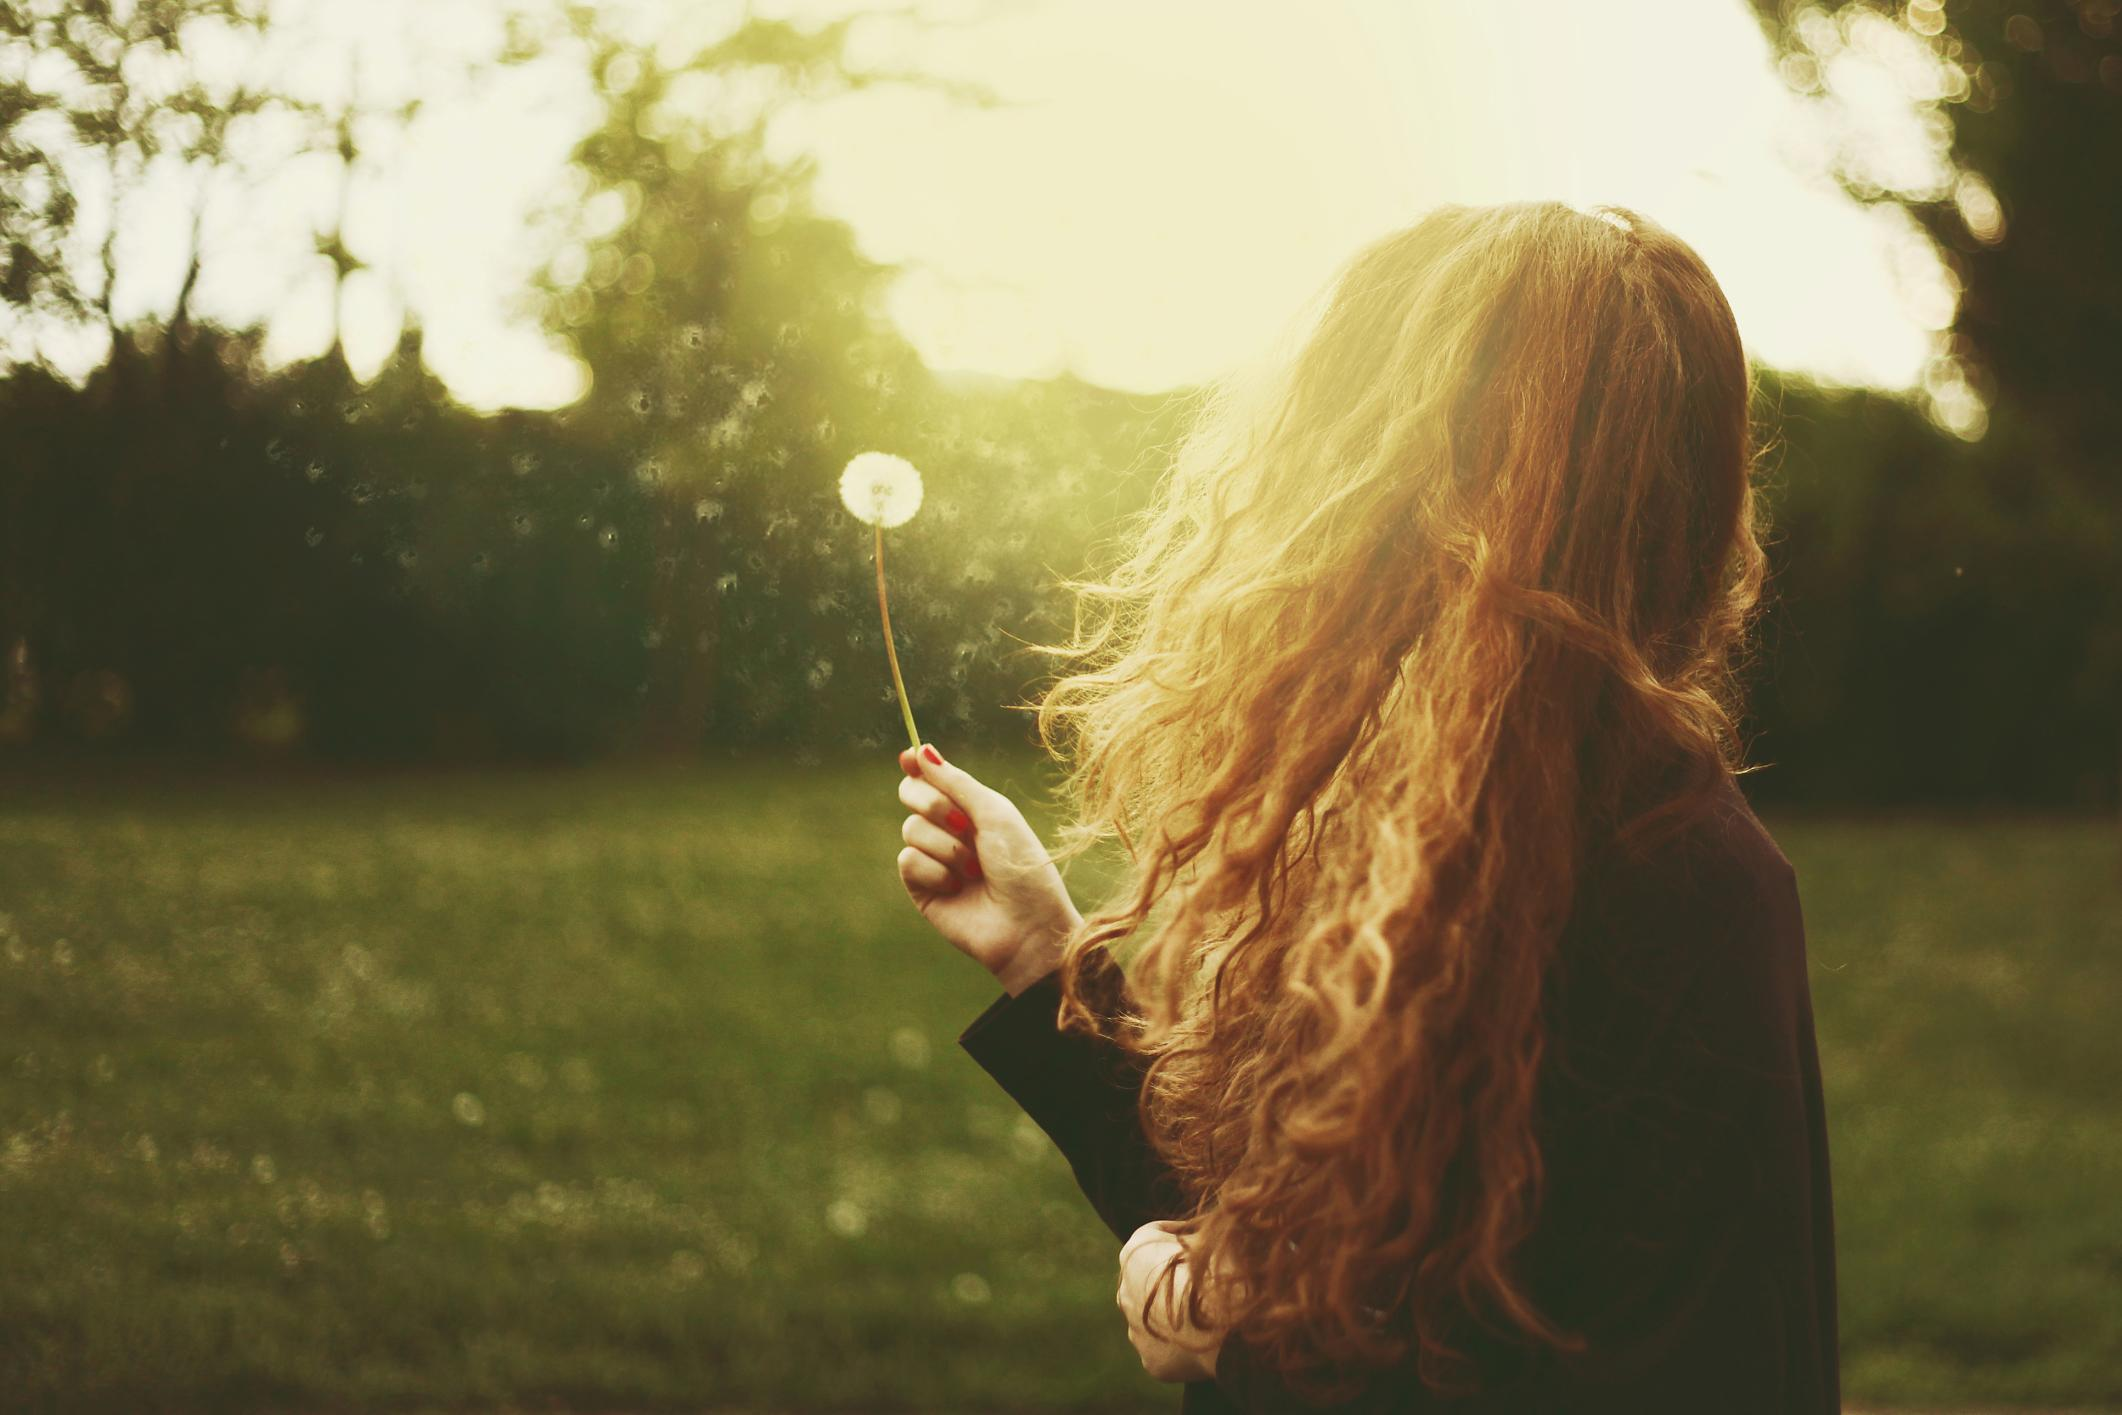 Дня дружбы, картинки девушки спиной русые волосы красивые